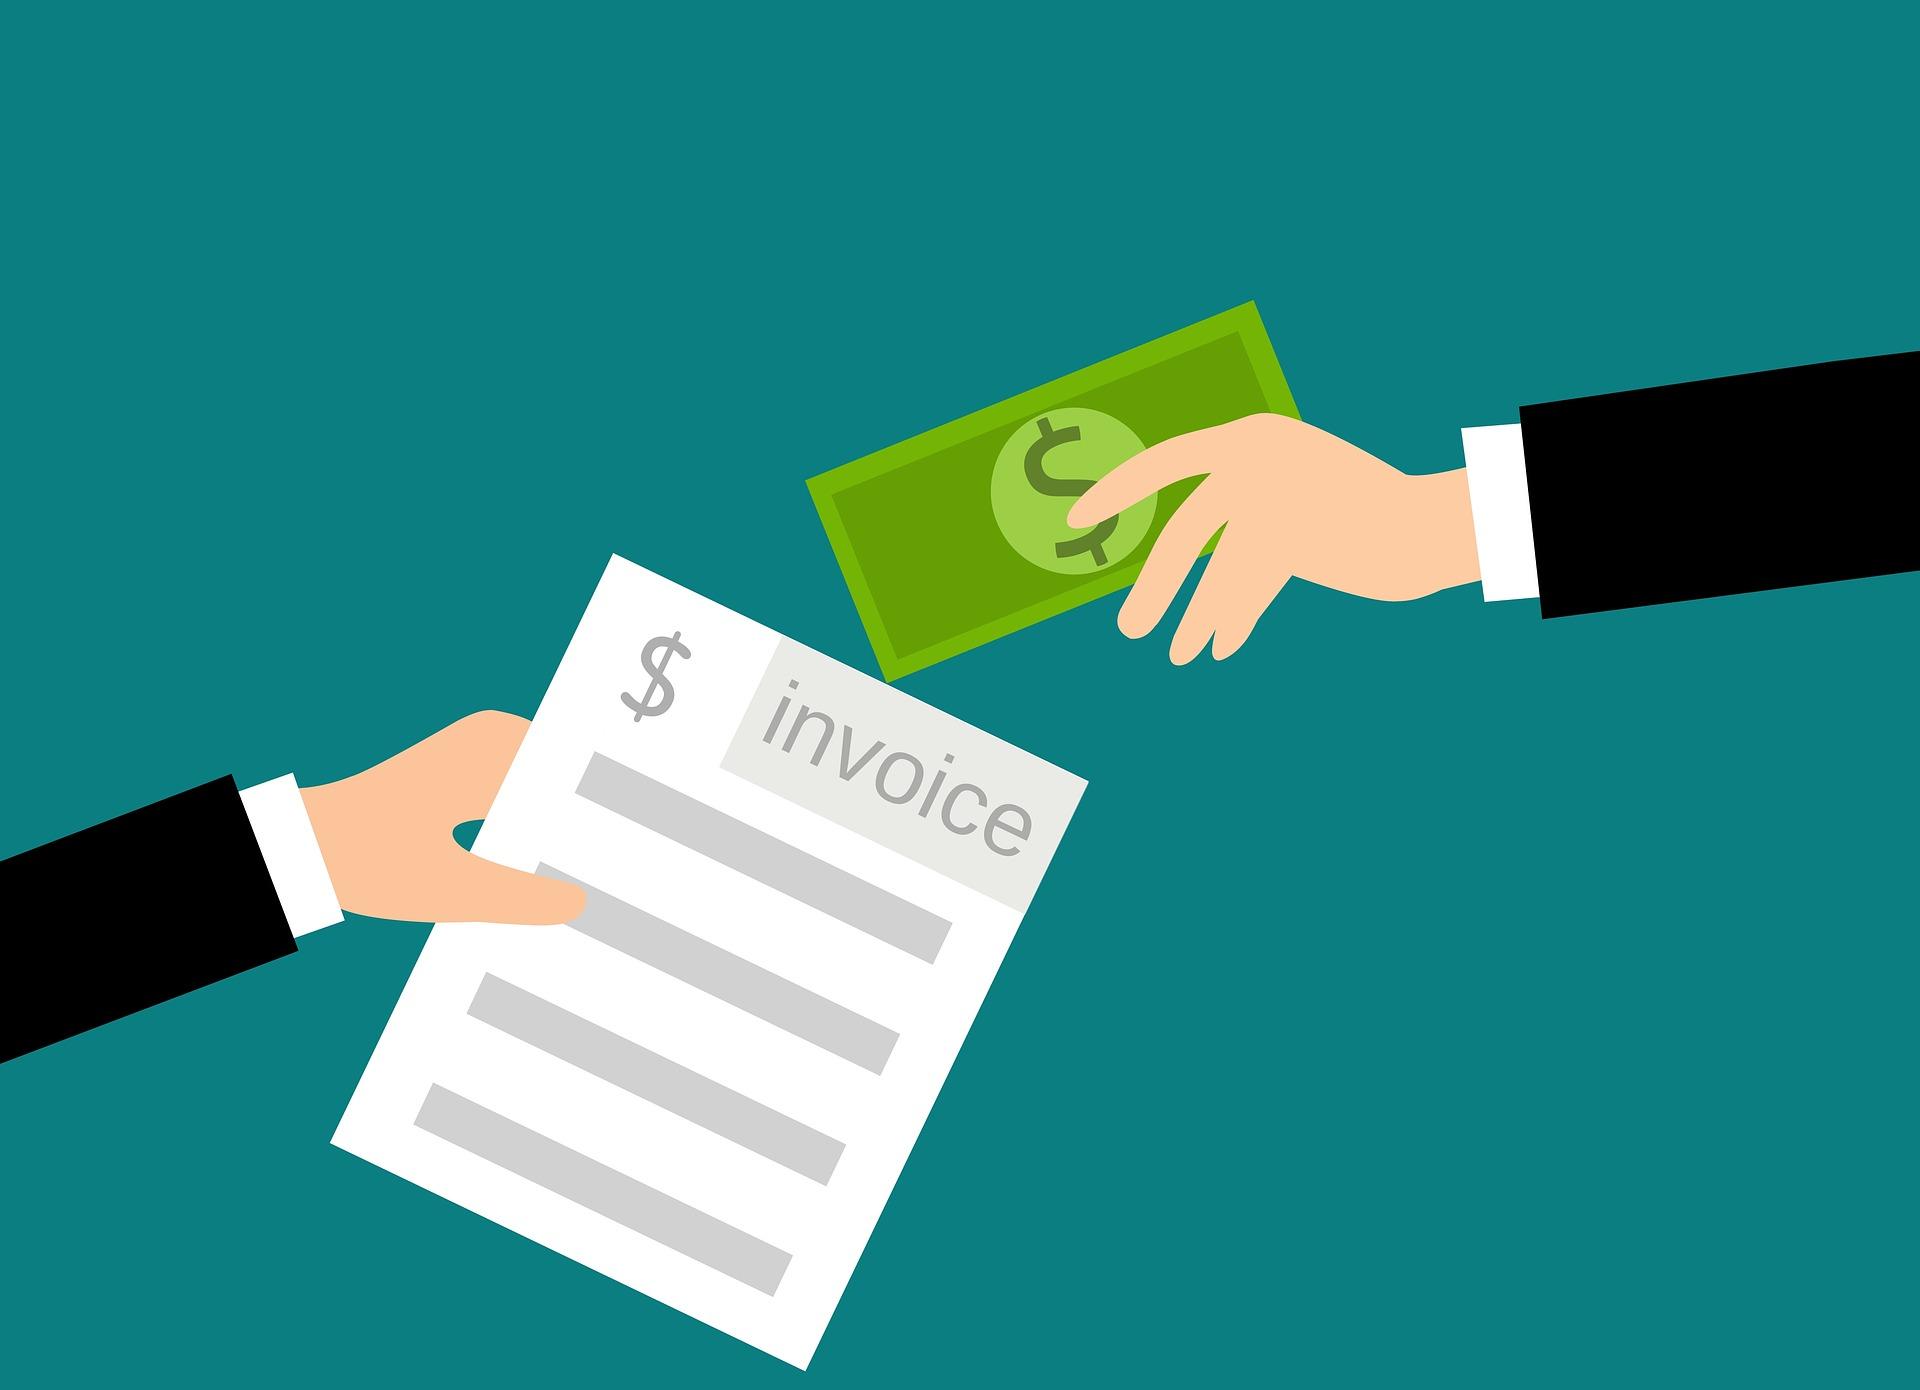 契約書だけじゃなく請求書も電子化できる?メリットや注意点を解説